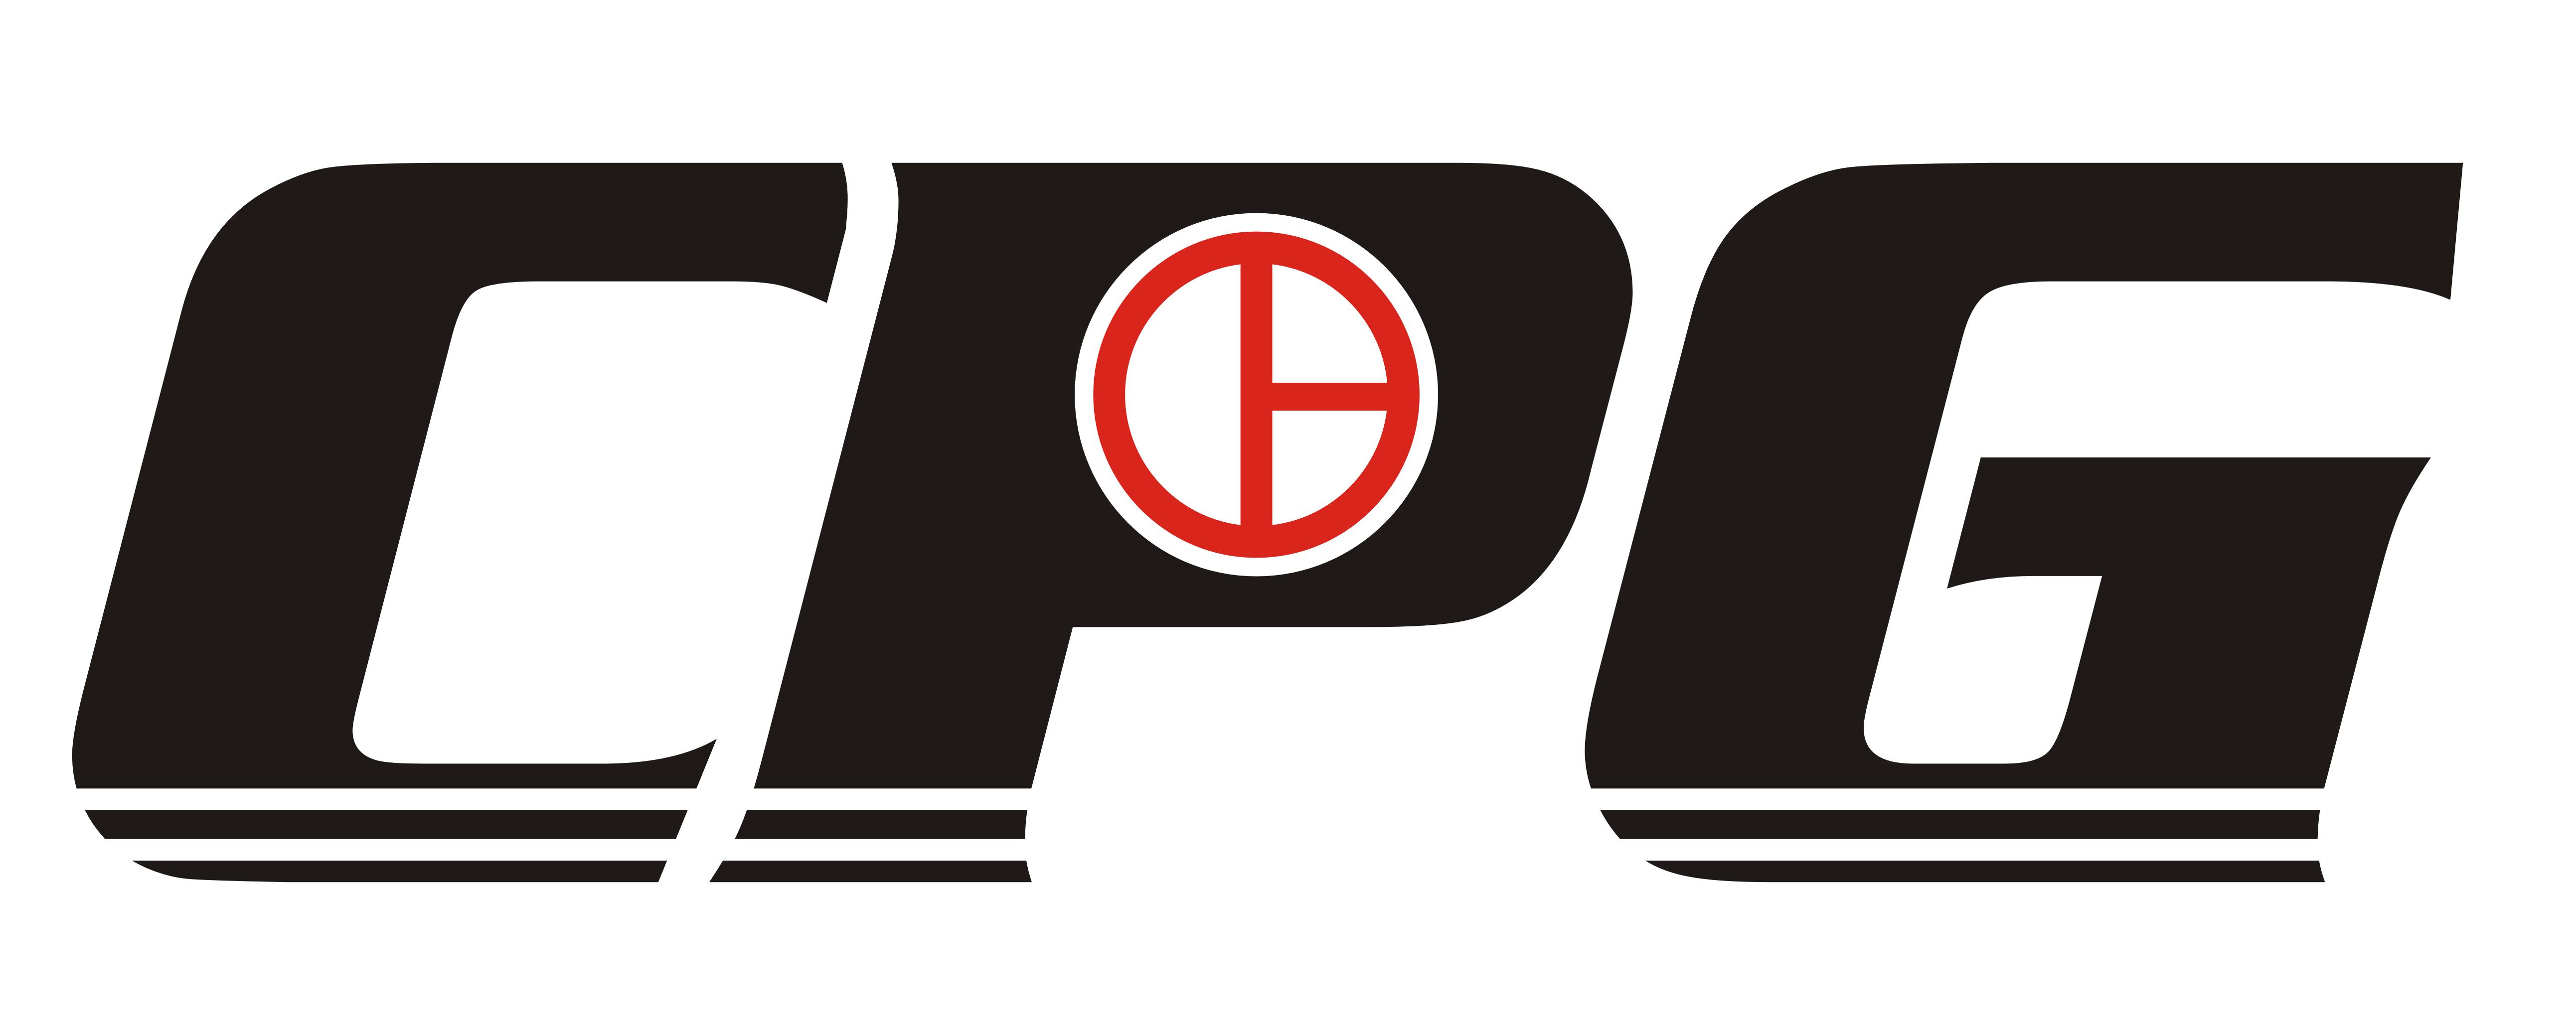 logo logo 标志 设计 矢量 矢量图 素材 图标 5168_2077